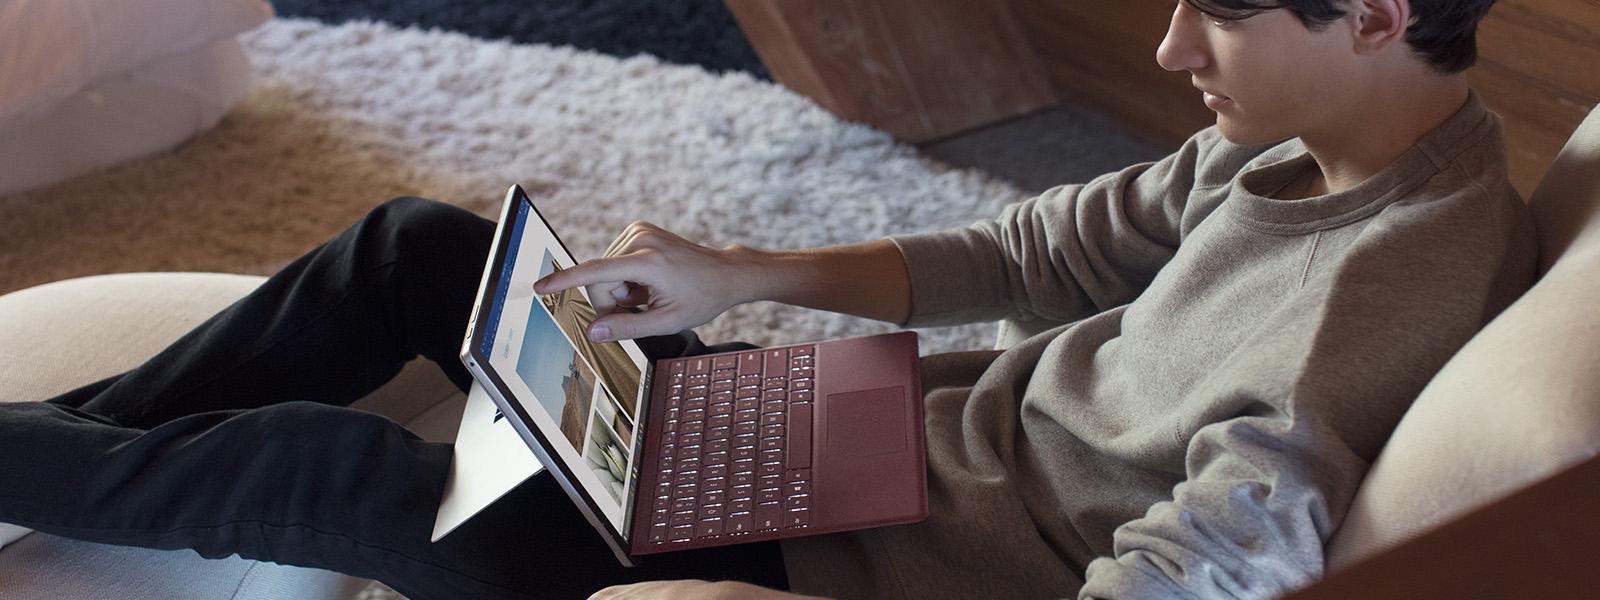 RW7Yiv?ver=1e80&q=90&m=6&h=600&w=1600&b=%23FFFFFFFF&l=f&o=t - Surface Pro Signature Type Cover